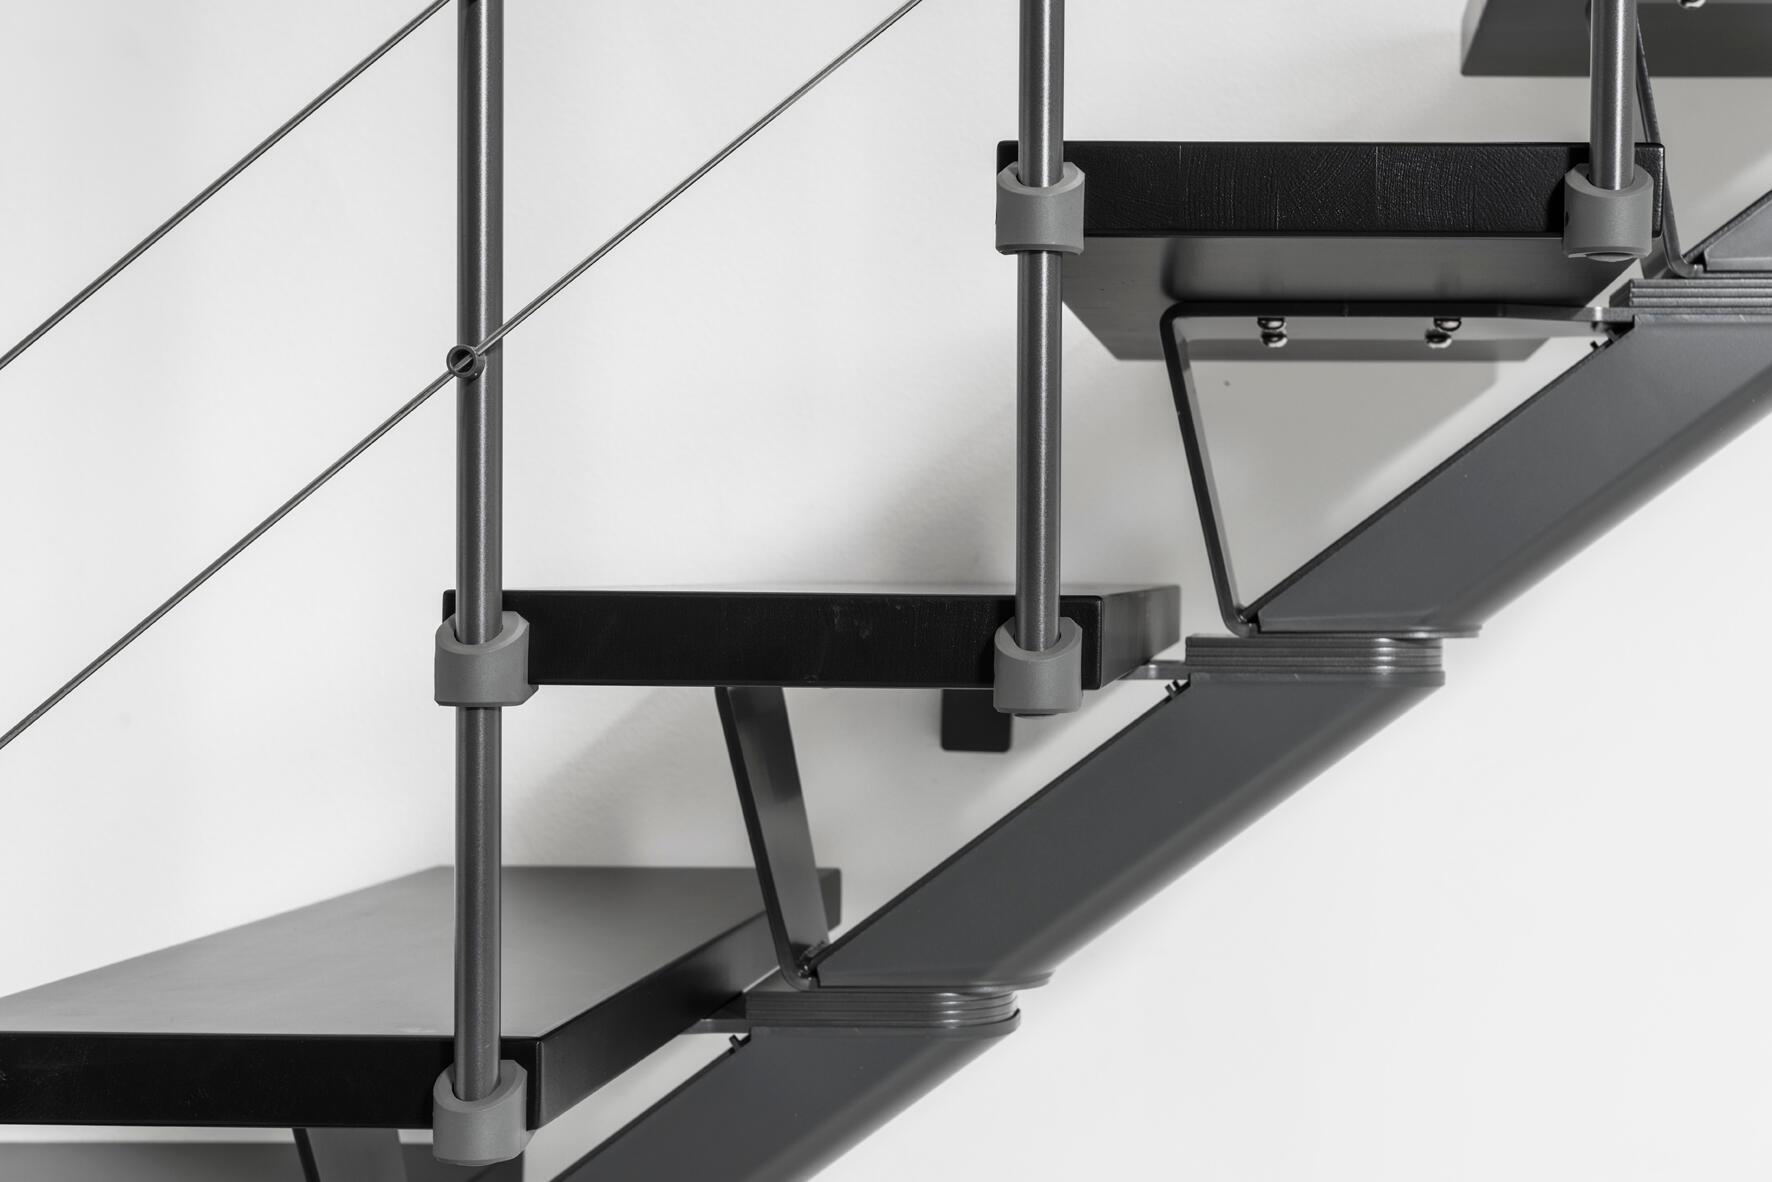 Scala a rampa 1/4 di giro Mas FONTANOT L 85 cm, gradino grigio antracite scuro, struttura antracite - 12